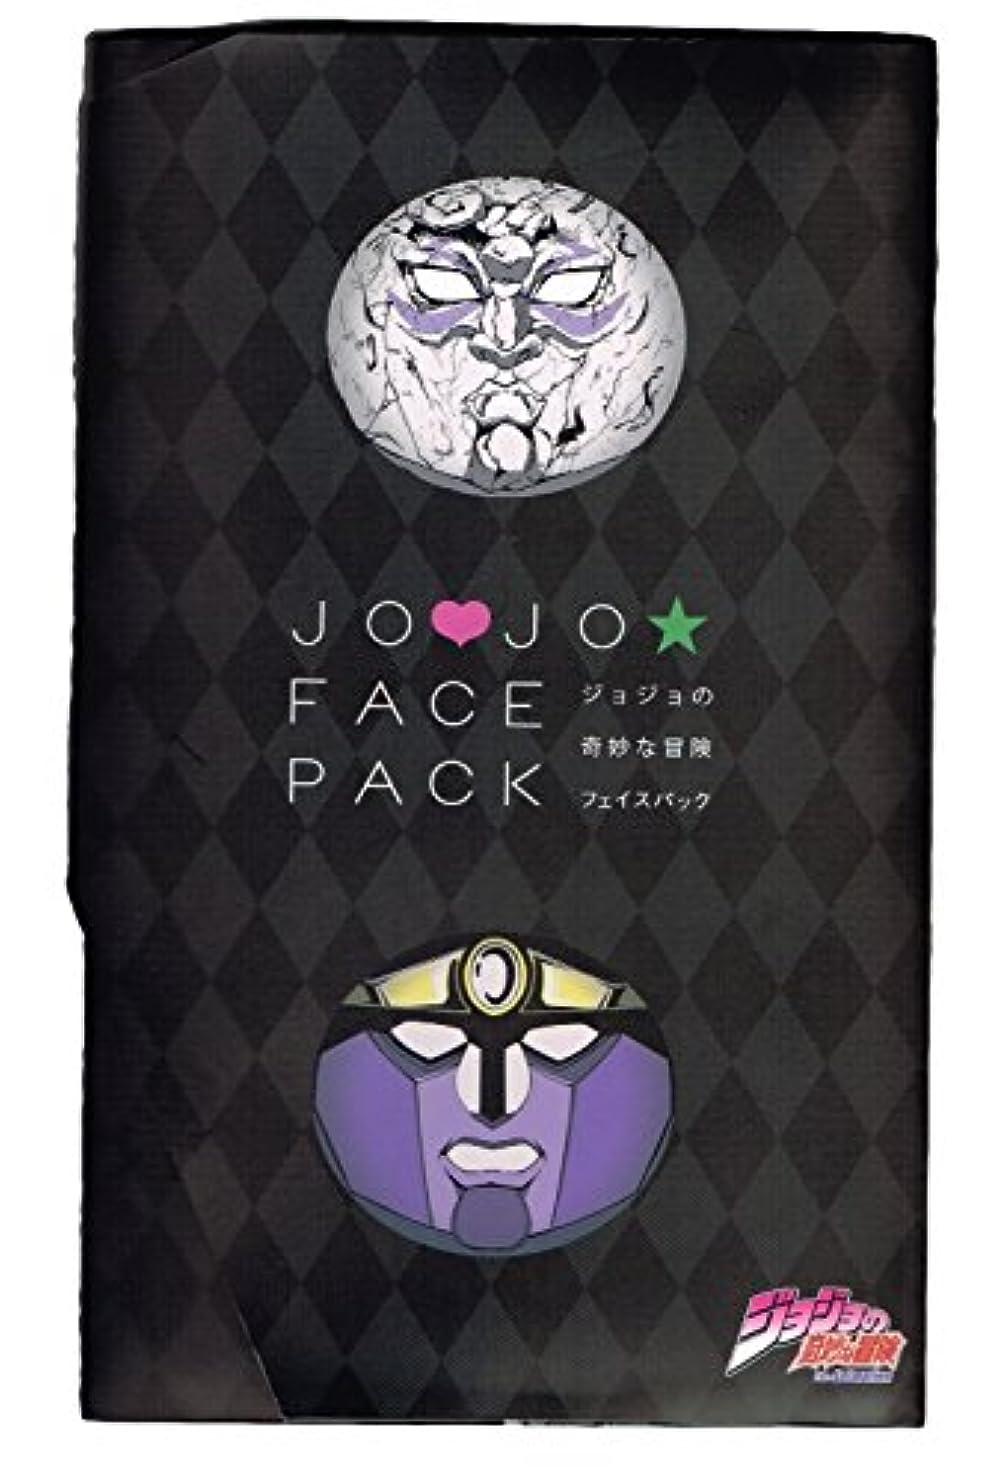 お酒穏やかなコンテンポラリージョジョの奇妙な冒険フェイスパック 石仮面 / スタープラチナ